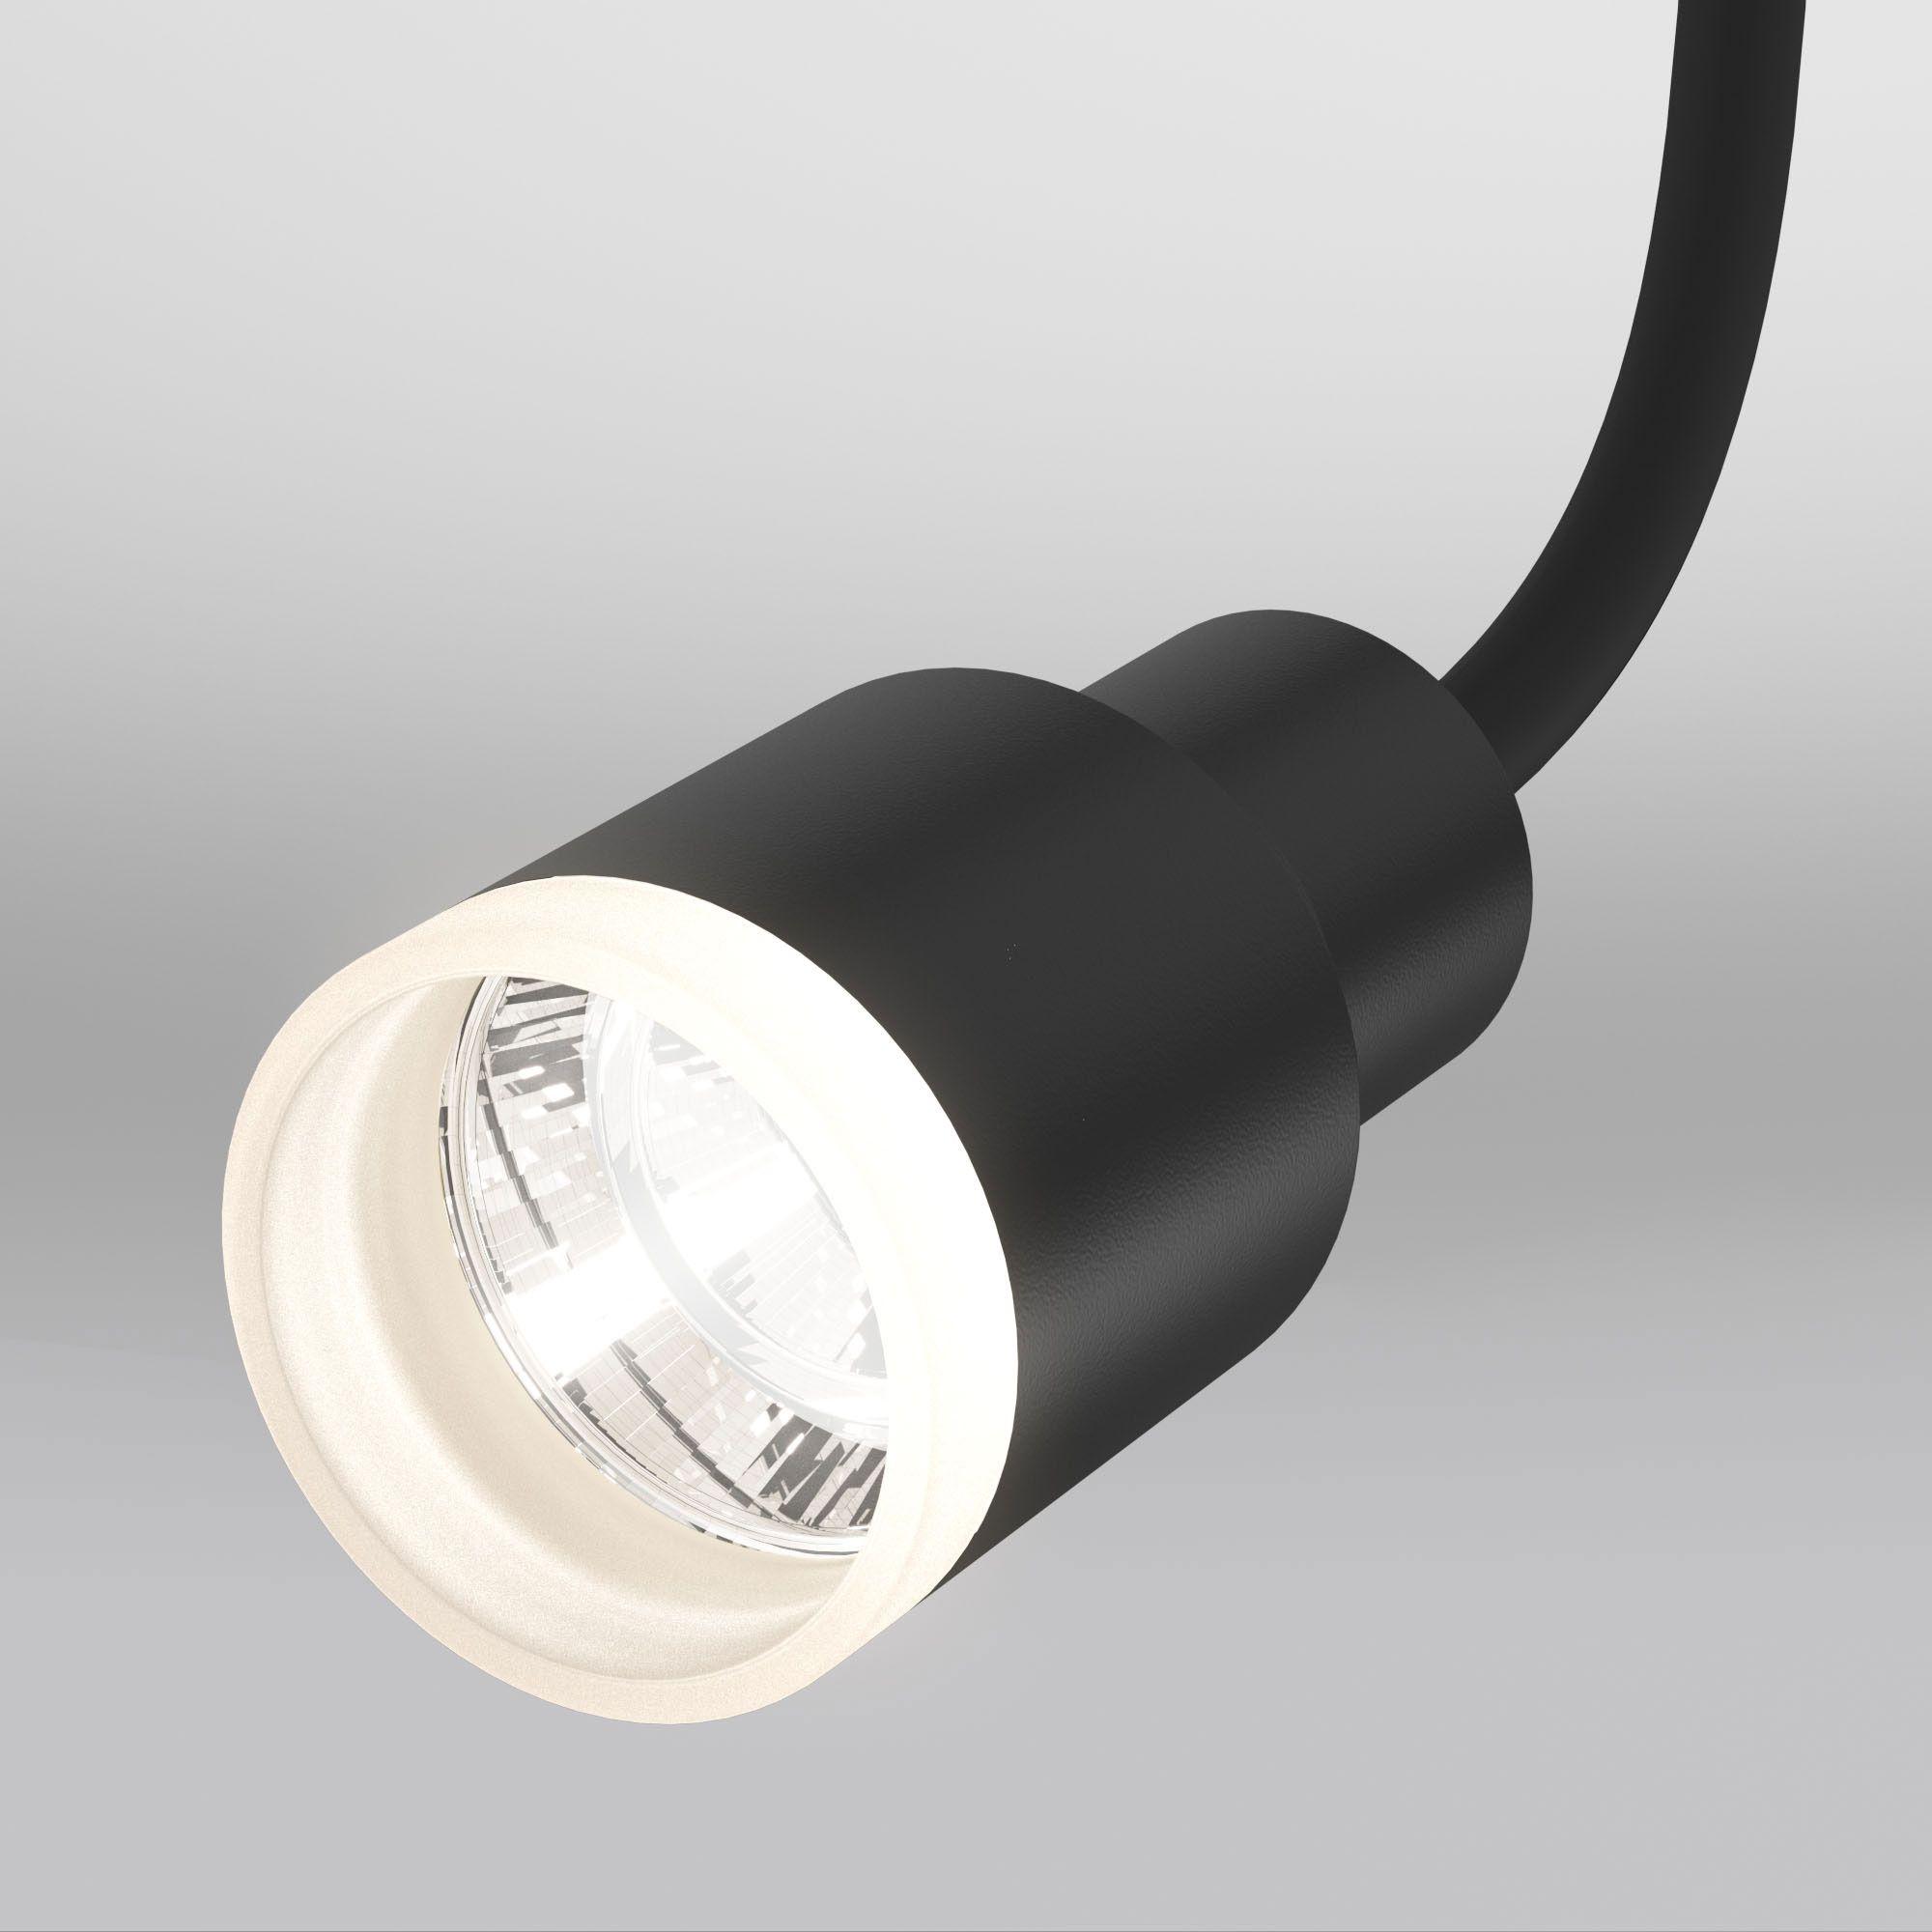 Трековый светодиодный светильник для однофазного шинопровода Molly Flex черный 7W 4200K (1 шт.) LTB3